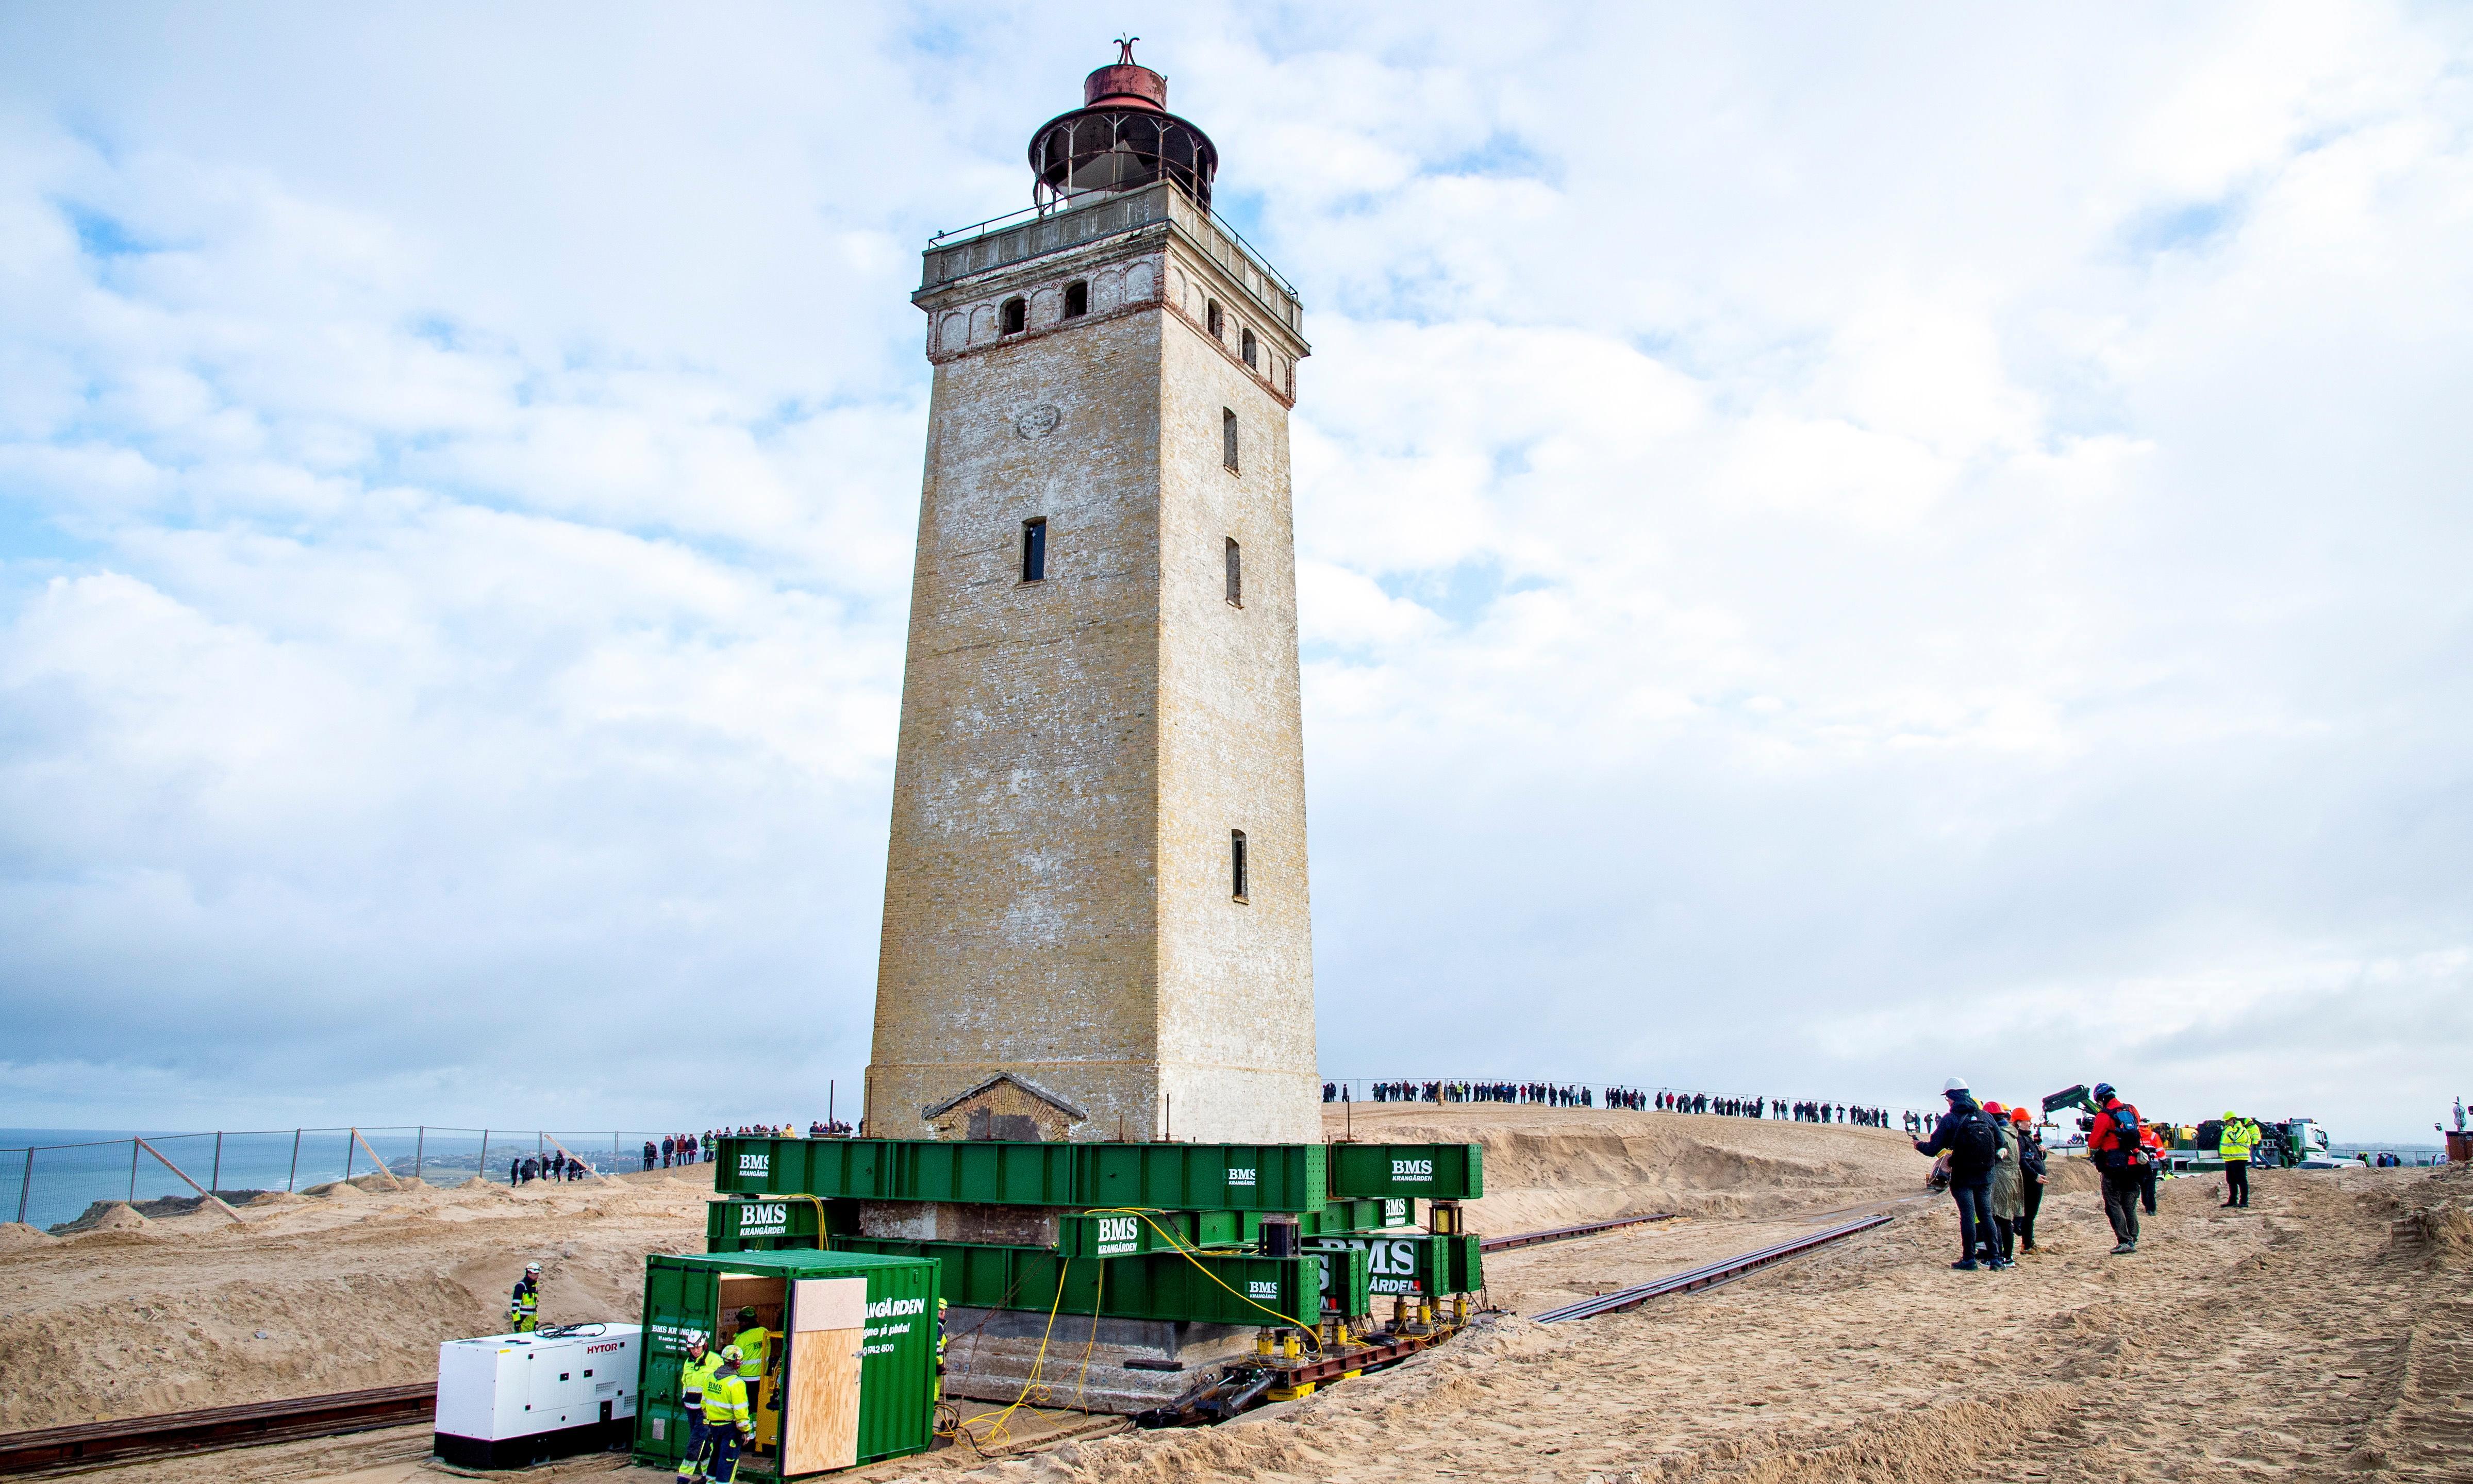 Danish lighthouse wheeled away from eroding coastline